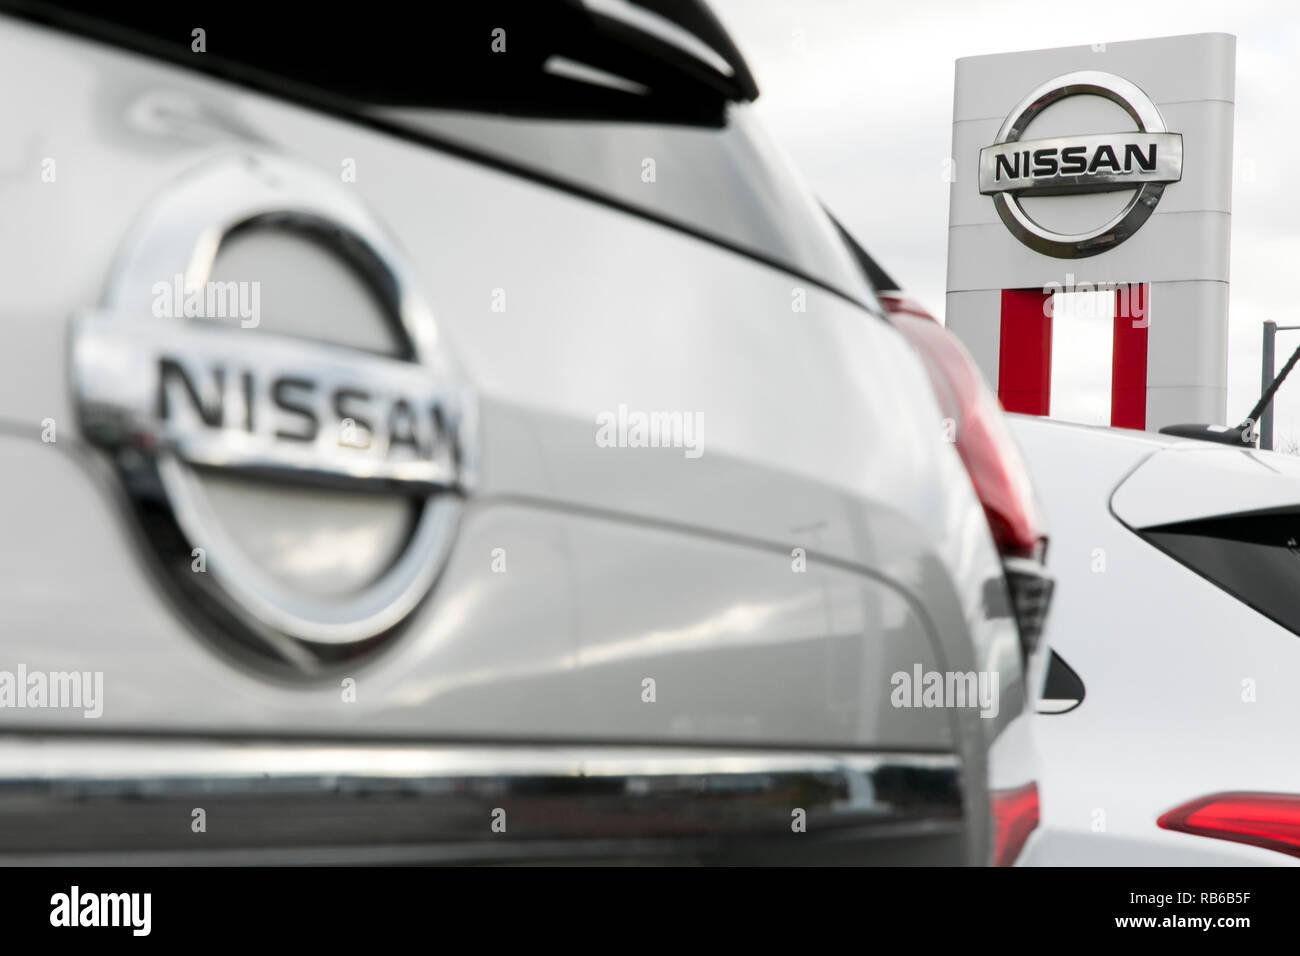 Nuevo sedán Nissan vehículos en un concesionario mucho de Muncy, Pennsylvania, el 30 de diciembre de 2018. Foto de stock